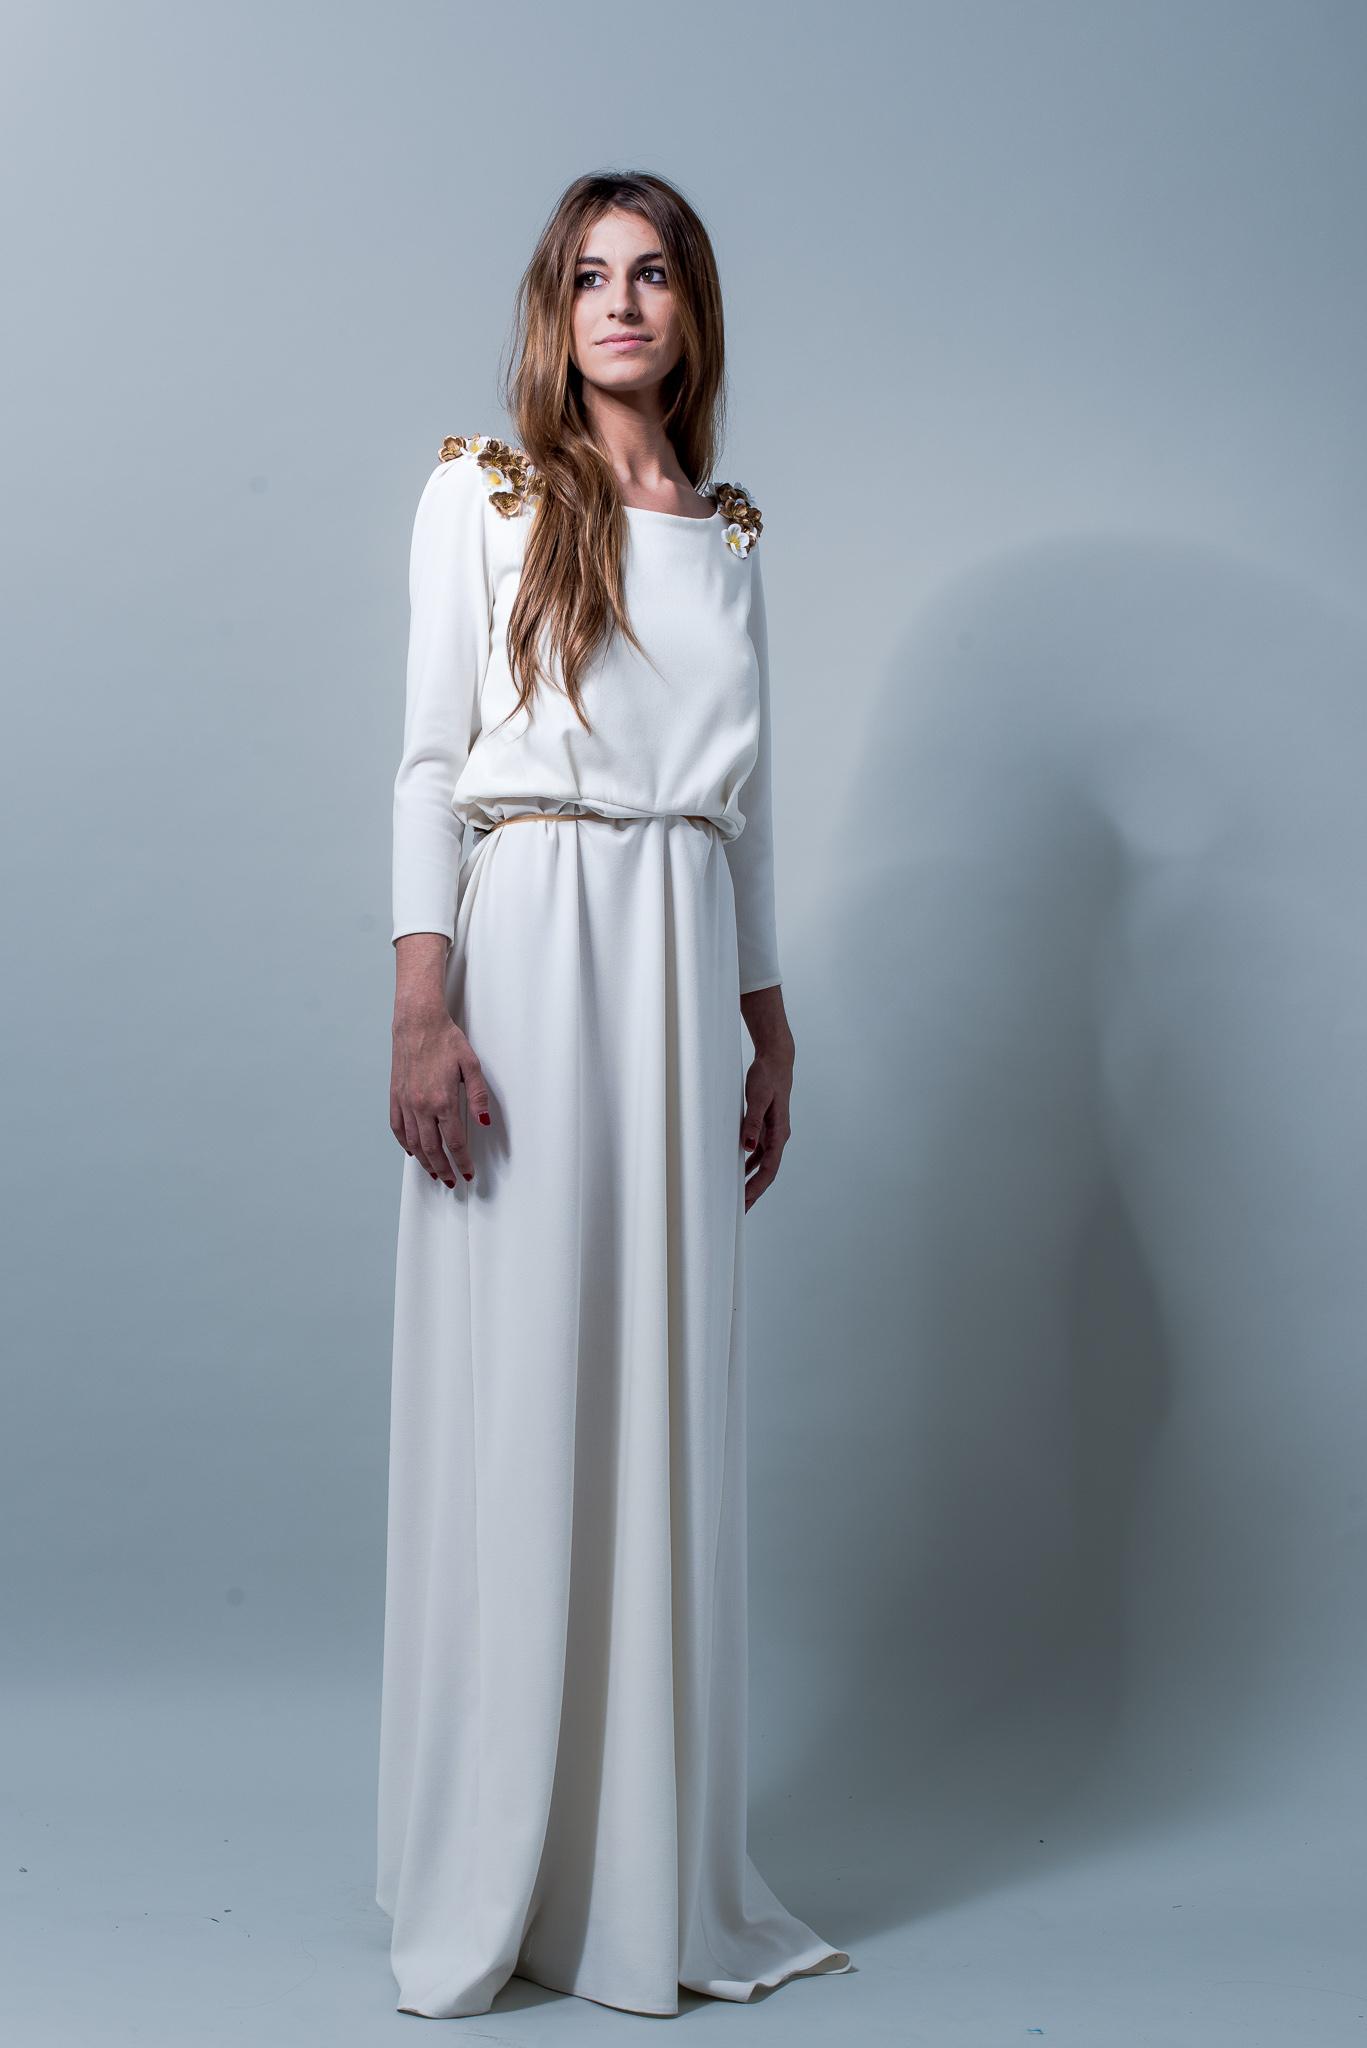 Beautiful Vestido Novia Boda Civil Sencillo Component - All Wedding ...